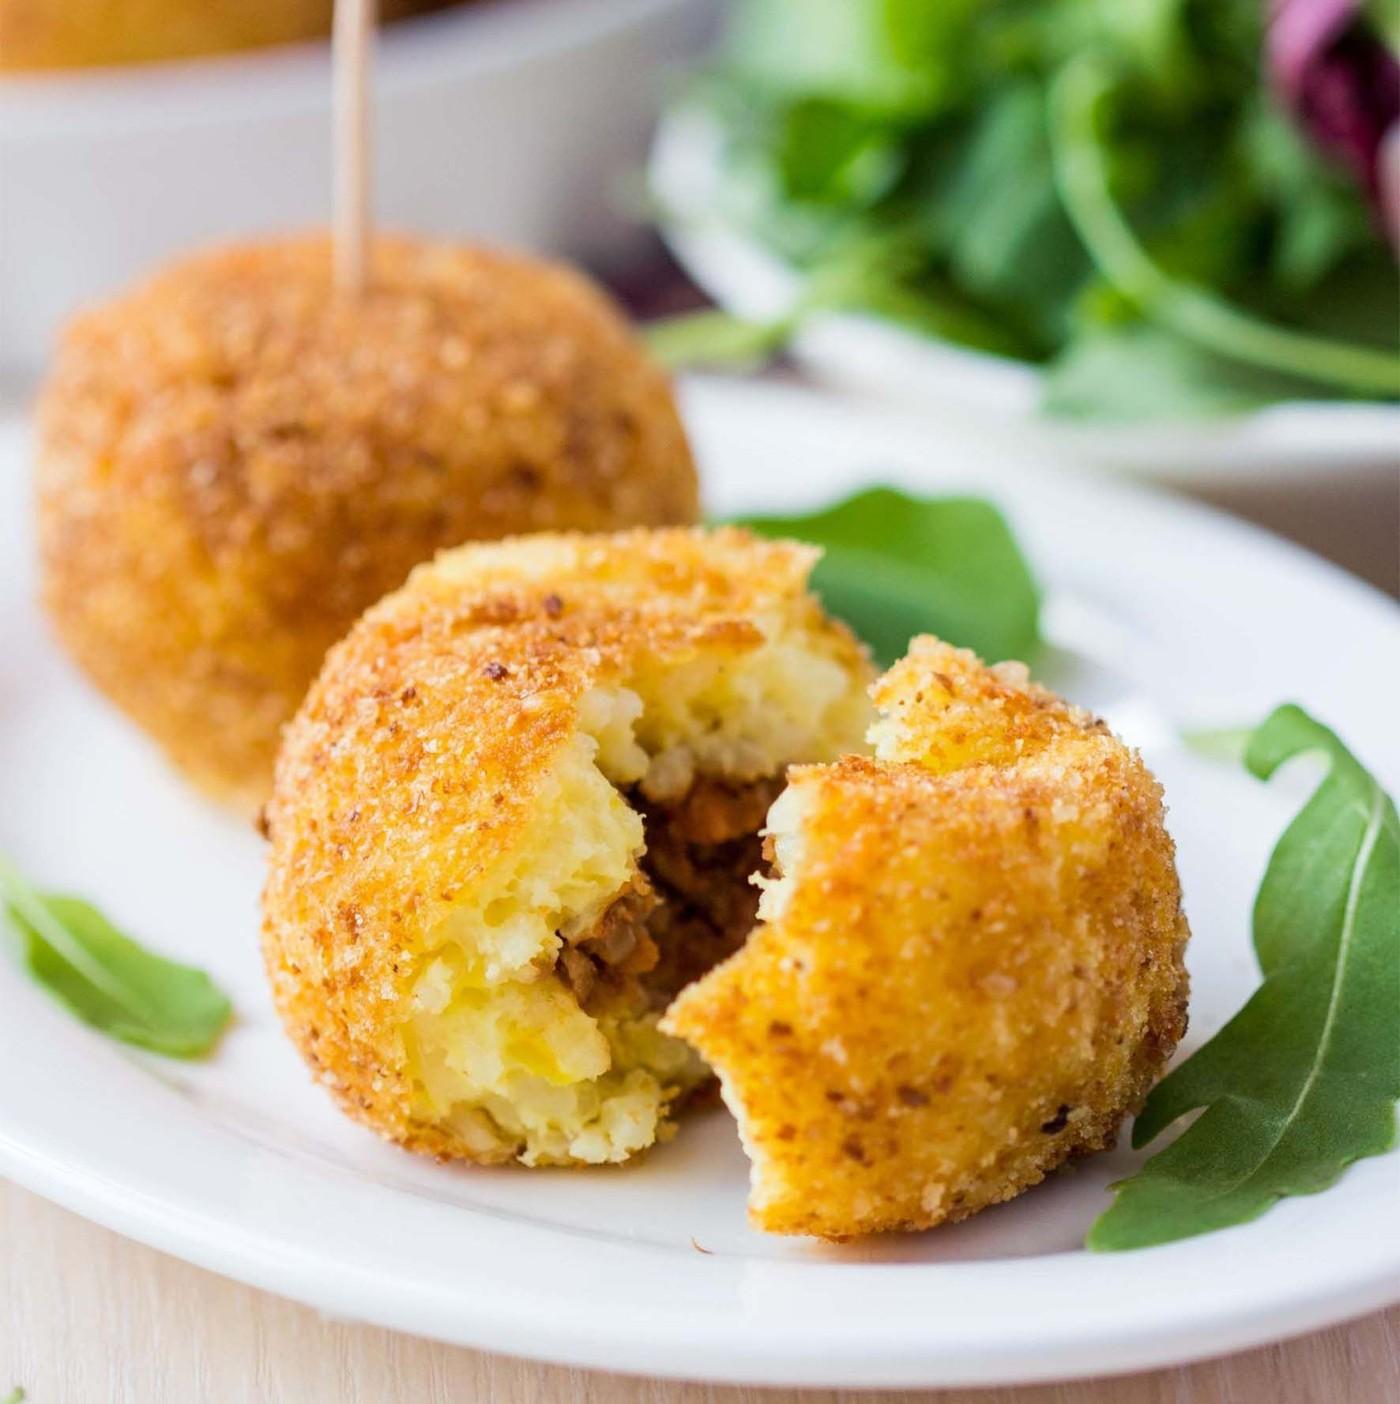 receta de Polpettine de berenjena con mozzarella y provola ahumada